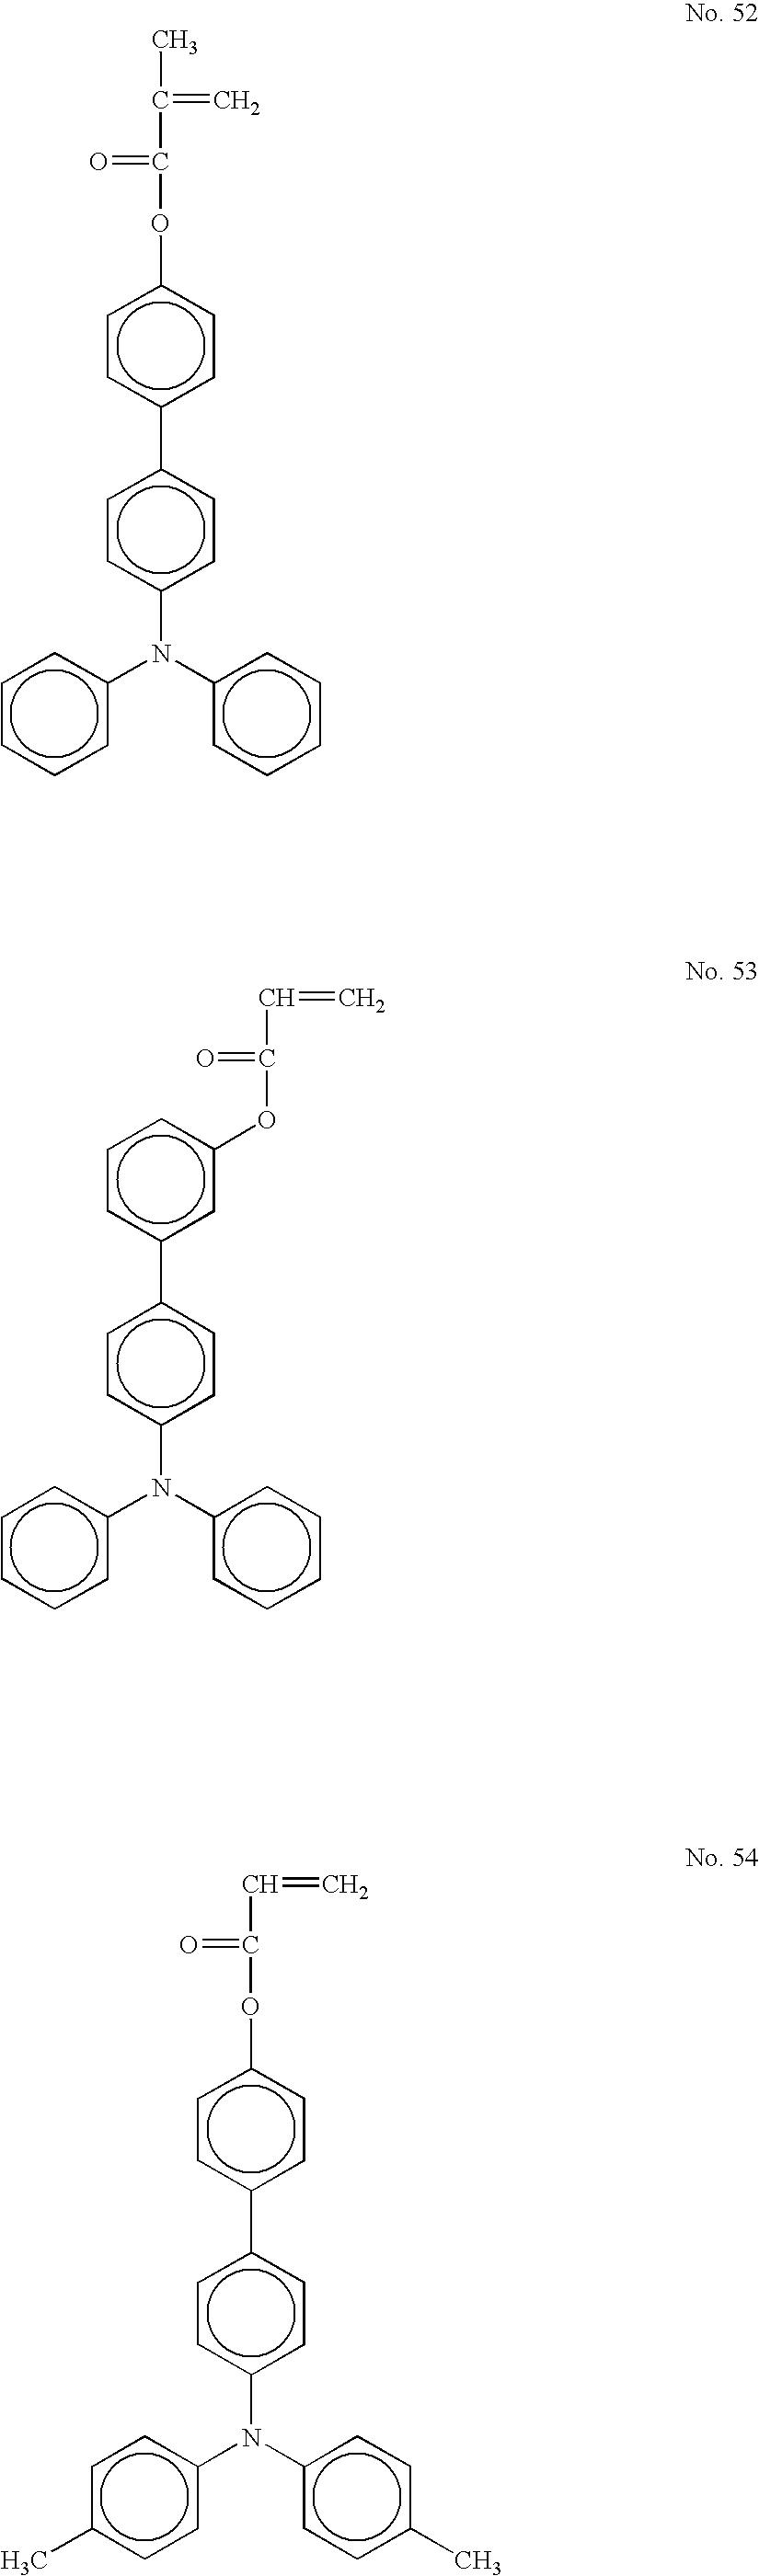 Figure US20040253527A1-20041216-C00029